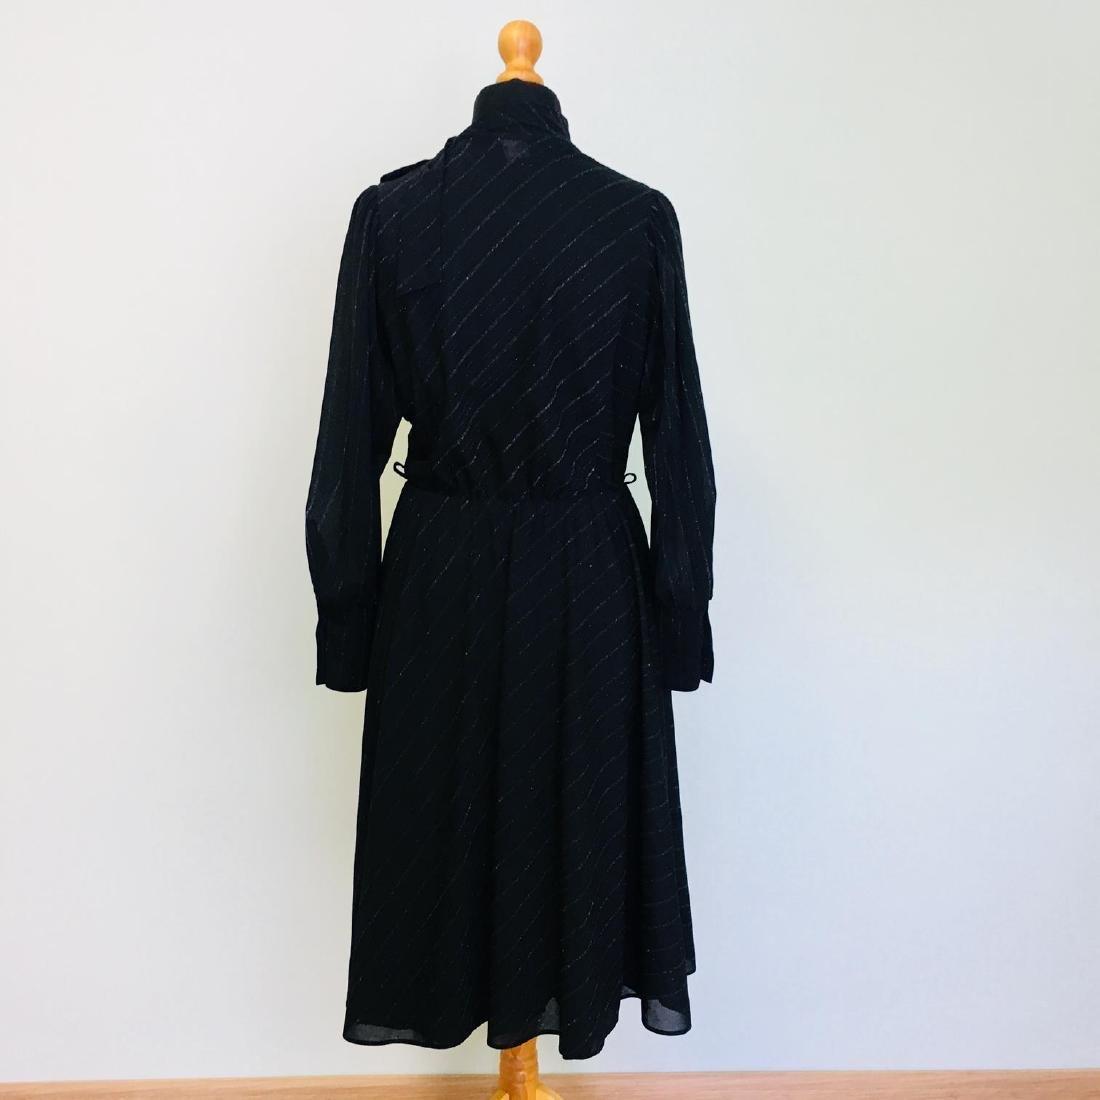 Vintage Women's Black Coctail Evening Dress - 6